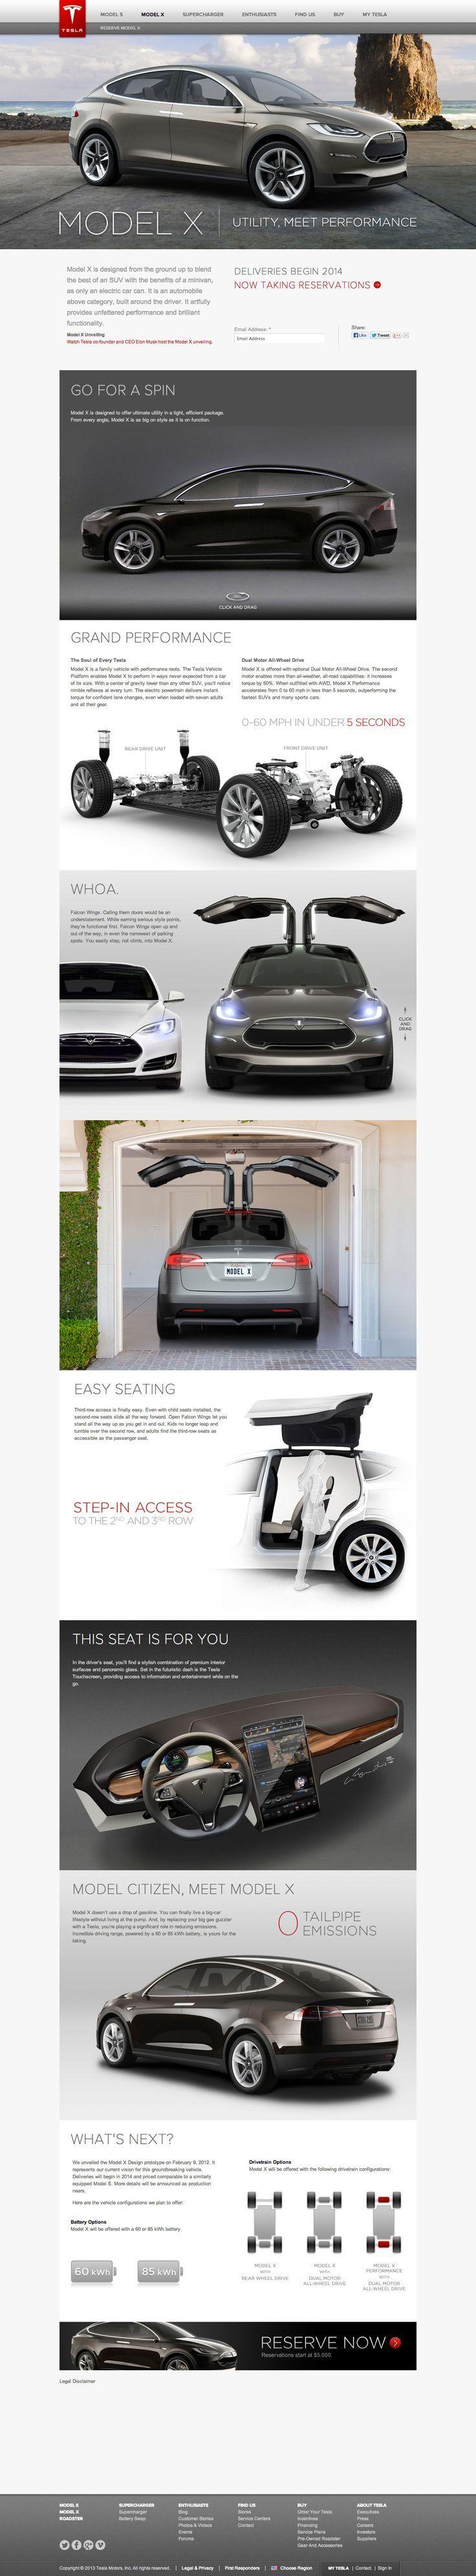 #Tesla Model X